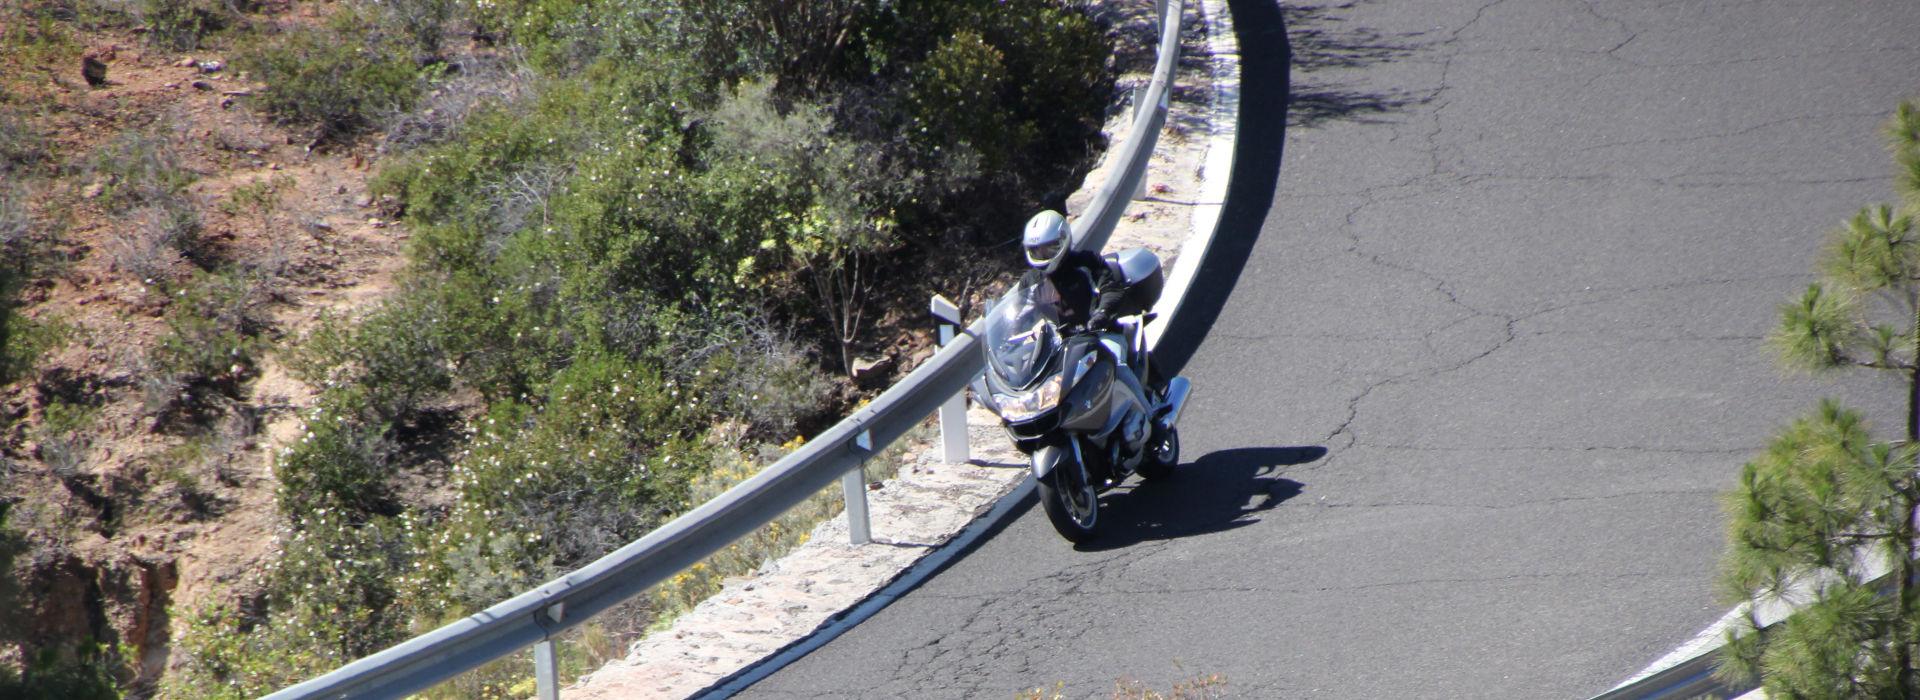 Motorrijbewijspoint Pijnacker spoed motorrijbewijs